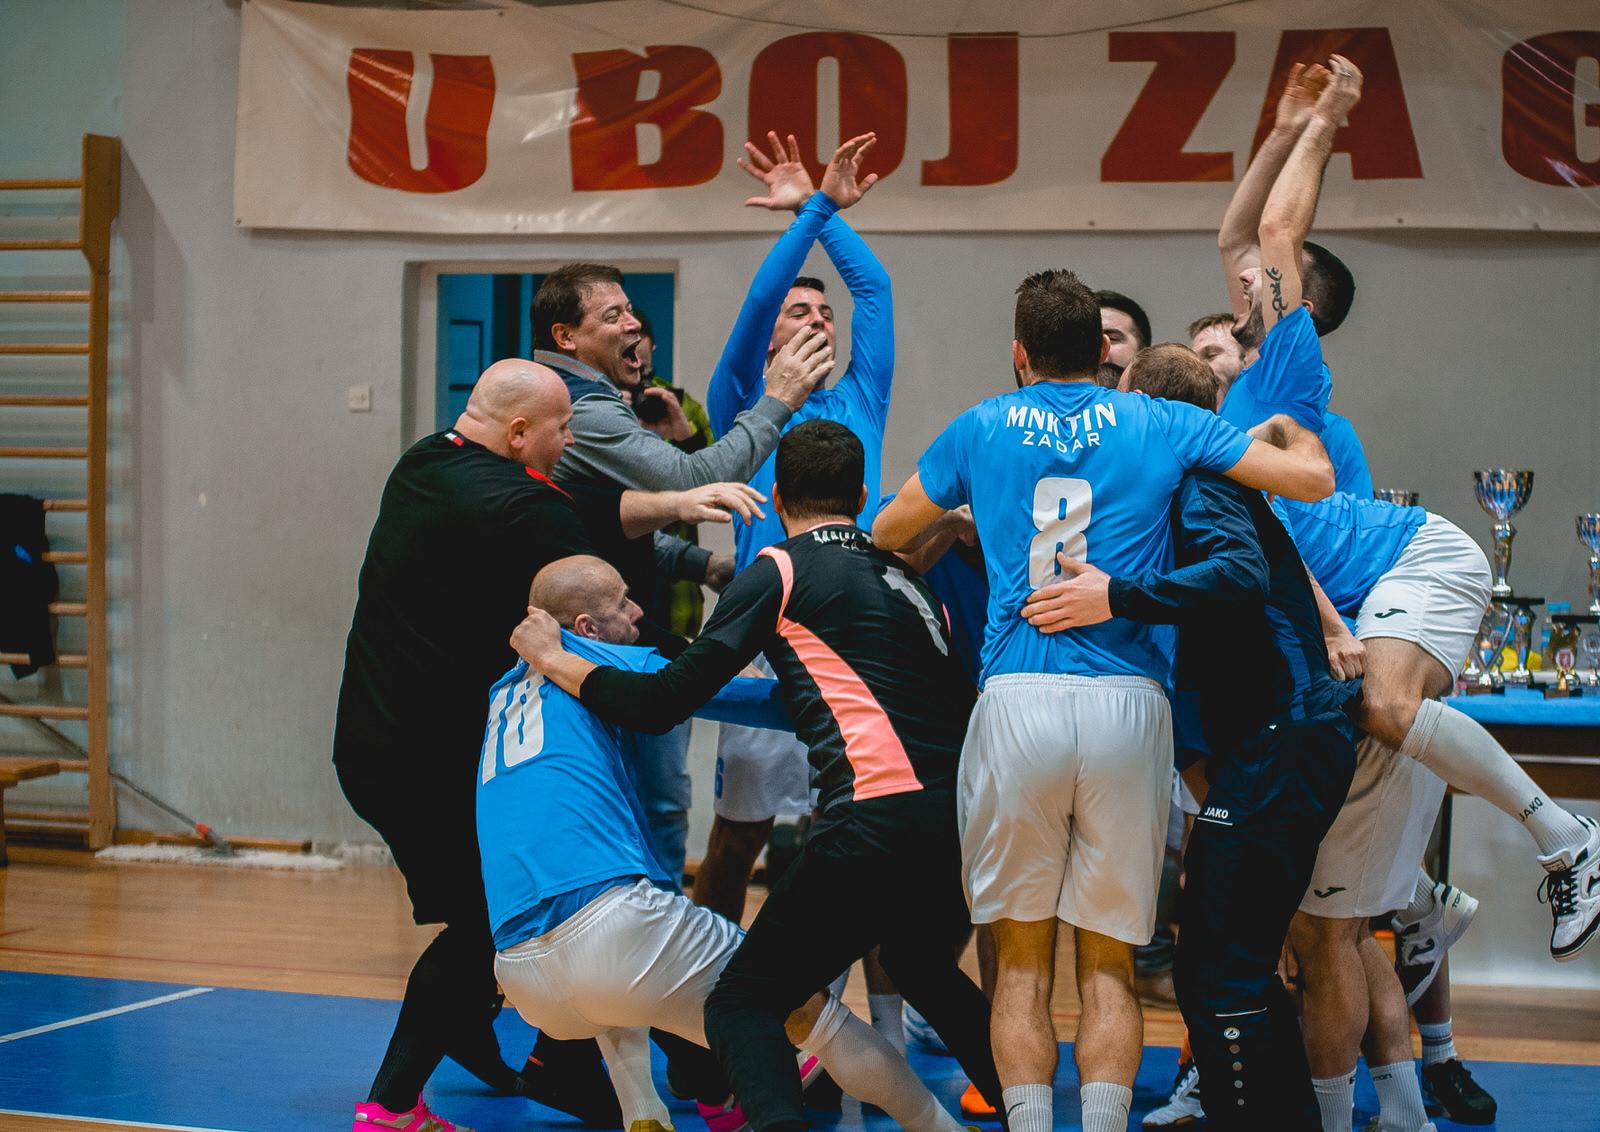 likaclub_gospić_zimski-malonogometni-turnir-2018-19-76